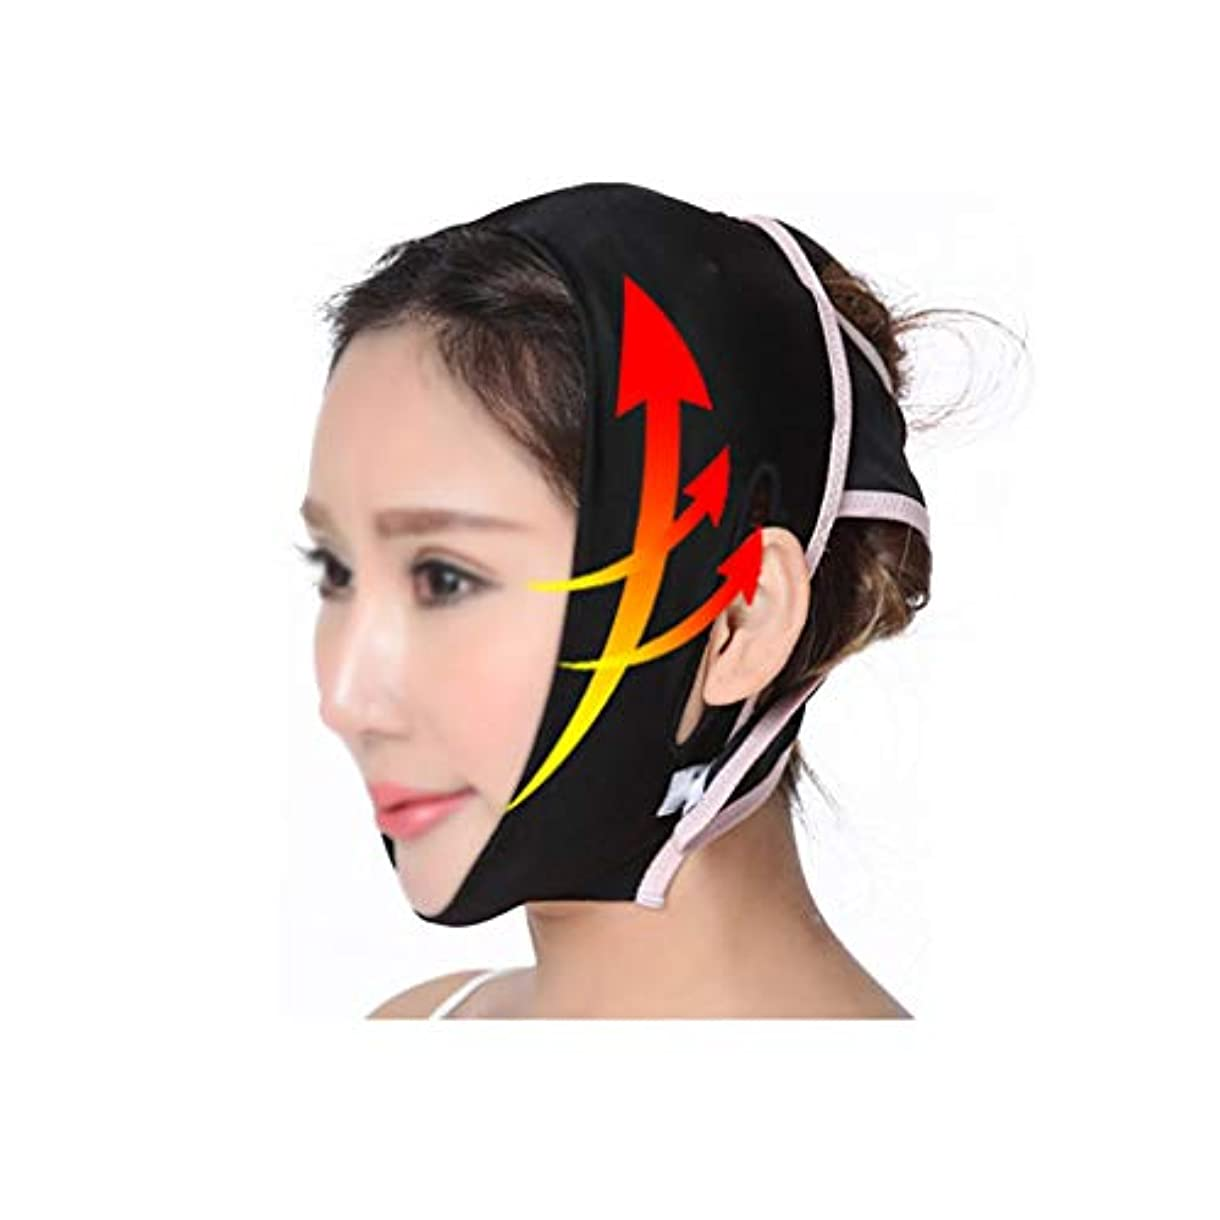 インフルエンザアウターポルノGLJJQMY 薄い顔のマスクのマスクの睡眠の顔のプラスチック顔の包帯の顔の持ち上がるVの表面のアーチファクトの回復 ネックバンド 顔用整形マスク (Size : L)